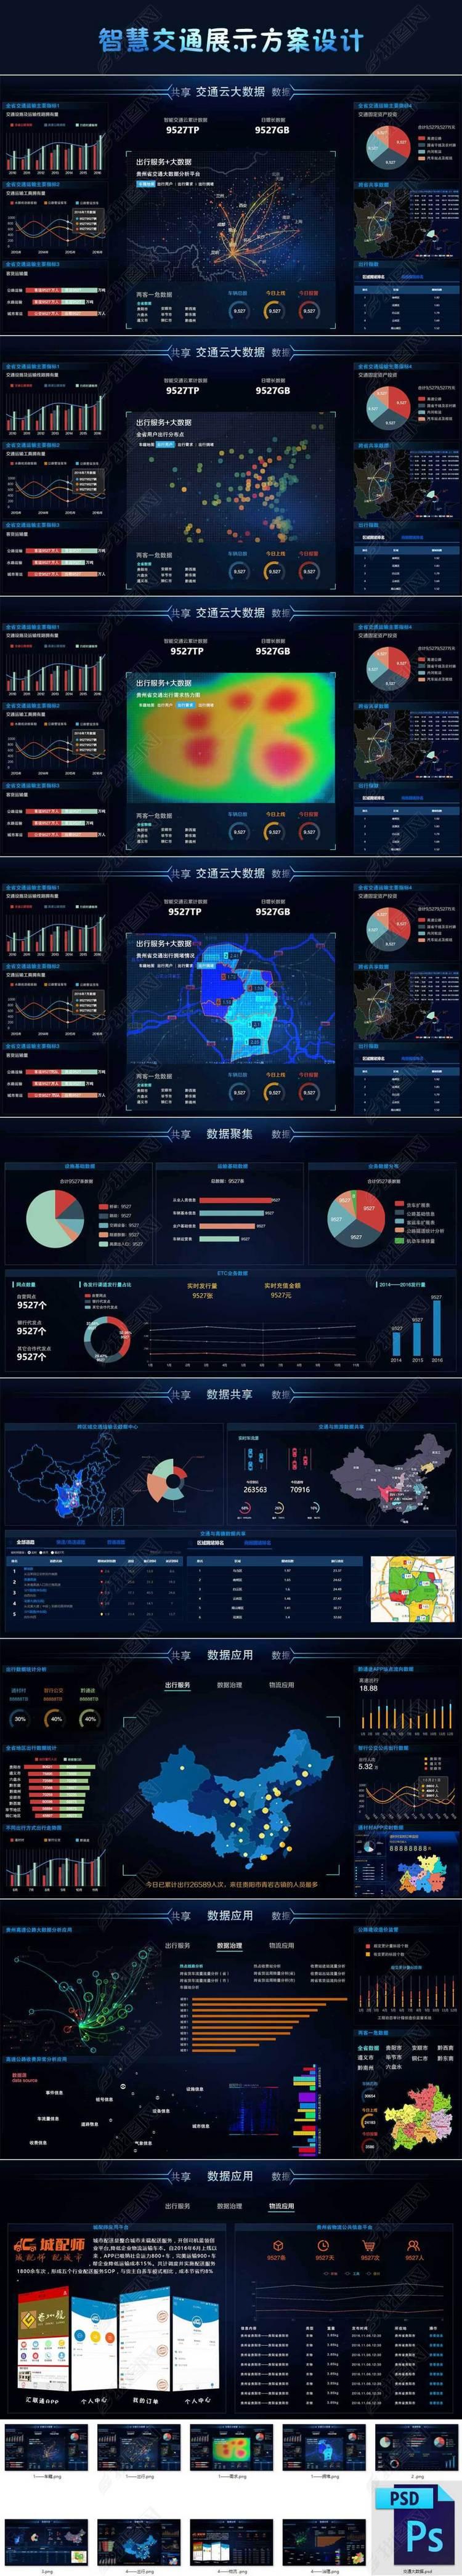 交通数据可视化展示方案设计模板